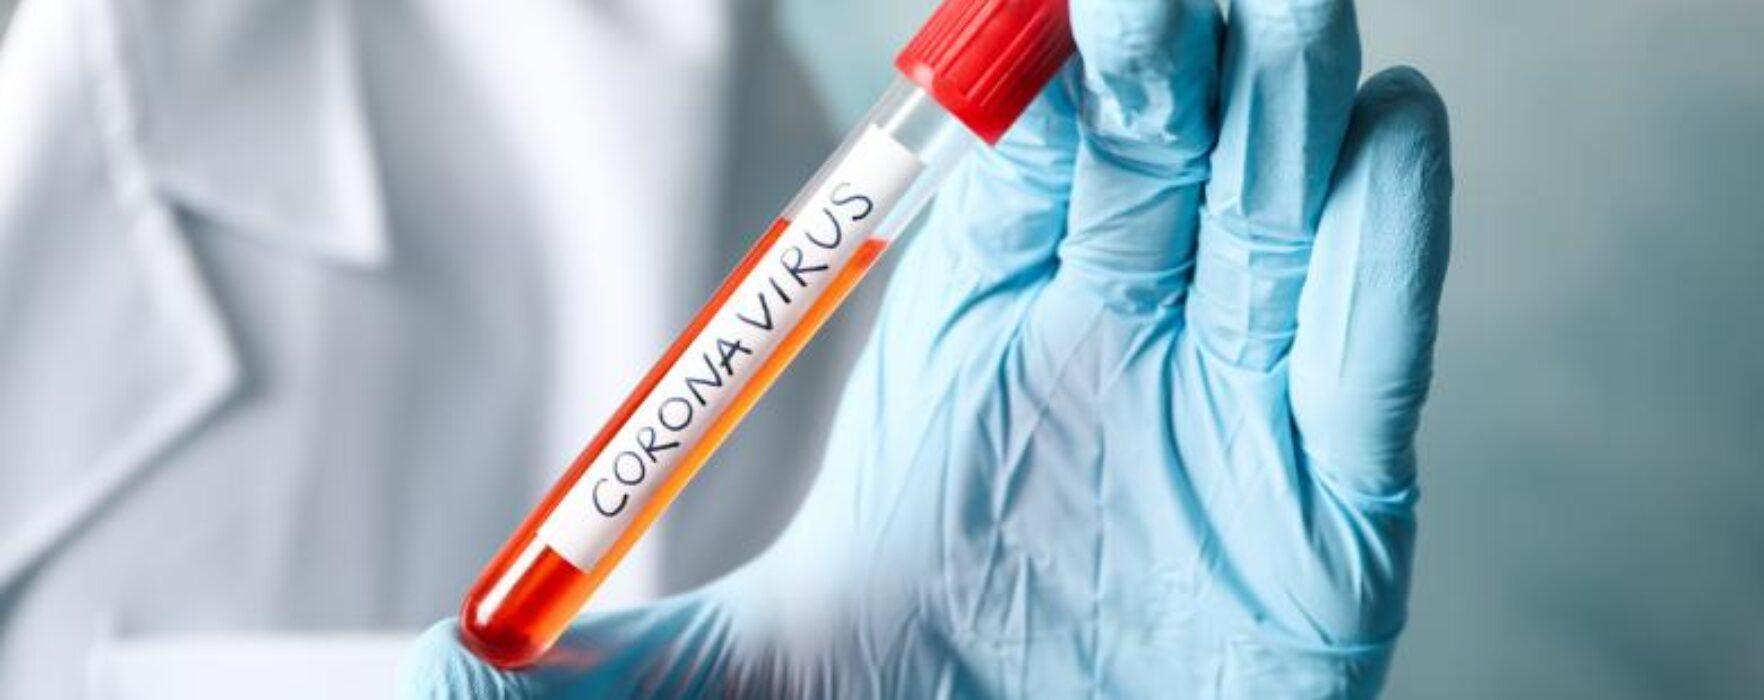 Dâmboviţa: Numărul de cazuri coronavirus în judeţ a crescut la 27 (4 aprilie)